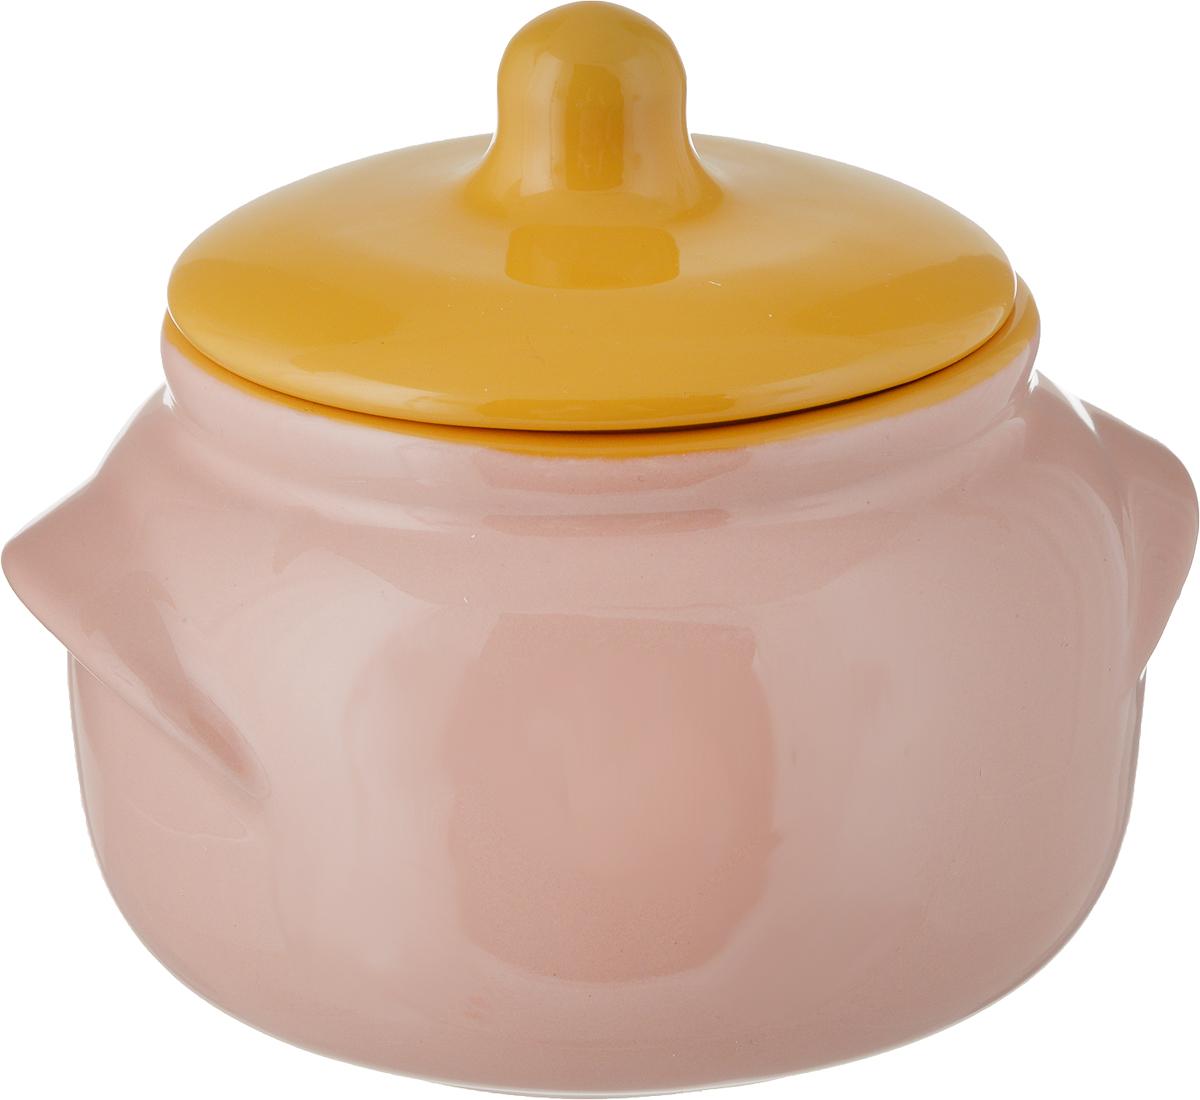 Горшочек для запекания Борисовская керамика Новарусса, цвет: розовый, желтый, 500 мл горшочек для запекания борисовская керамика мечта хозяйки цвет сиреневый 350 мл